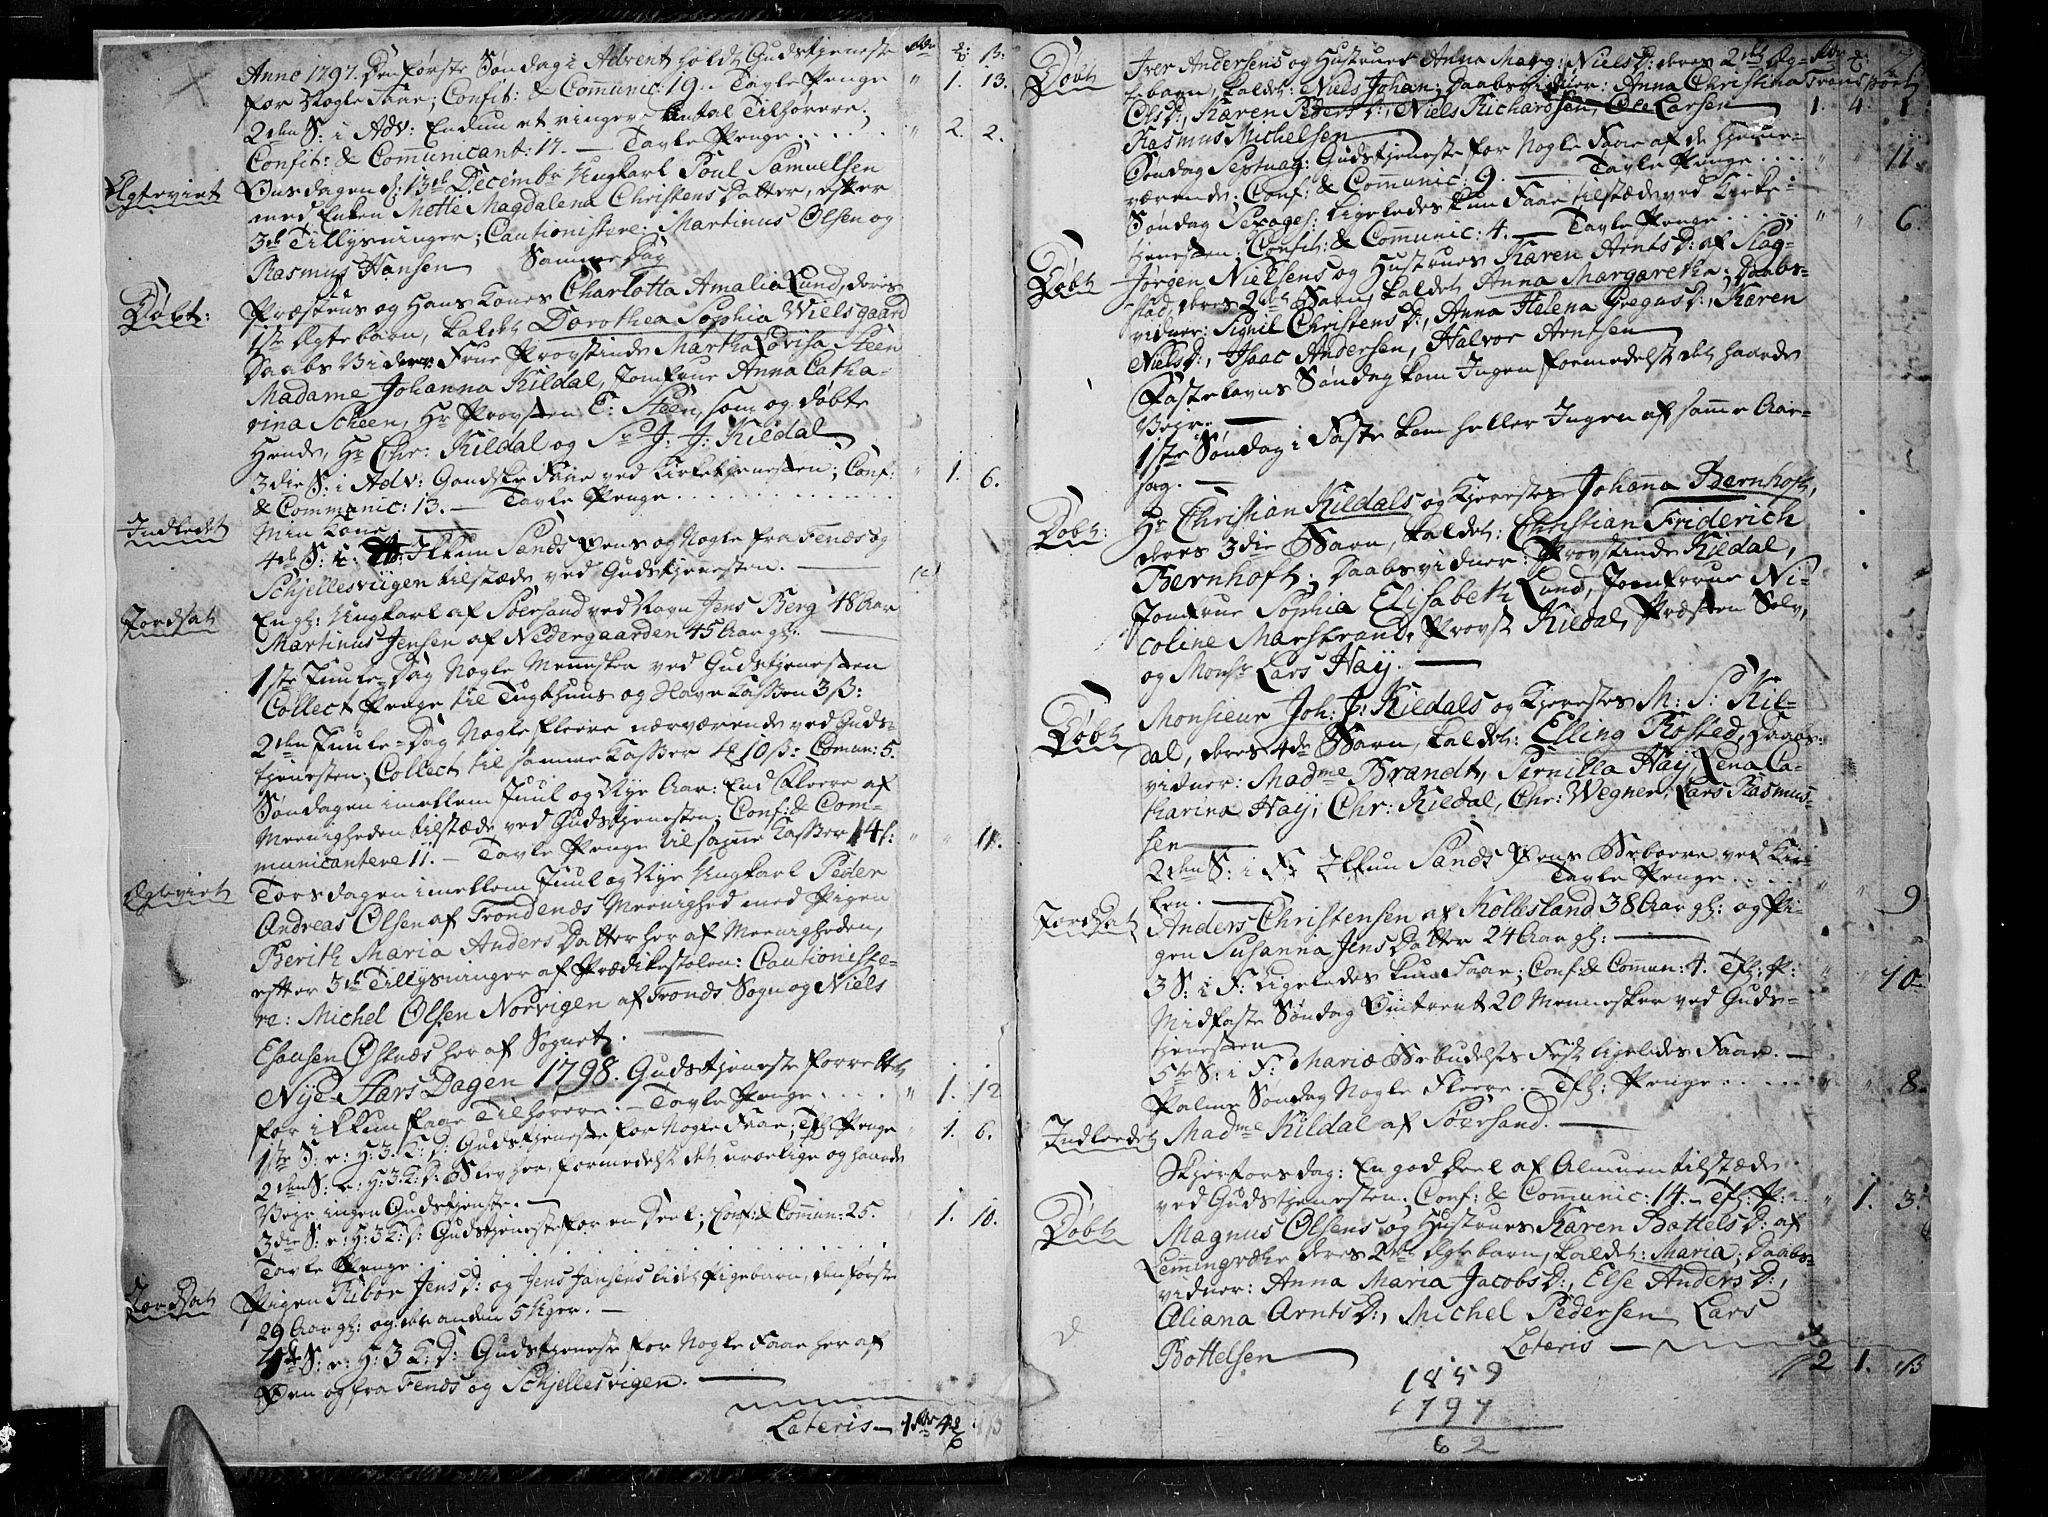 SATØ, Trondenes sokneprestkontor, H/Ha/L0004kirke: Ministerialbok nr. 4, 1797-1820, s. 2